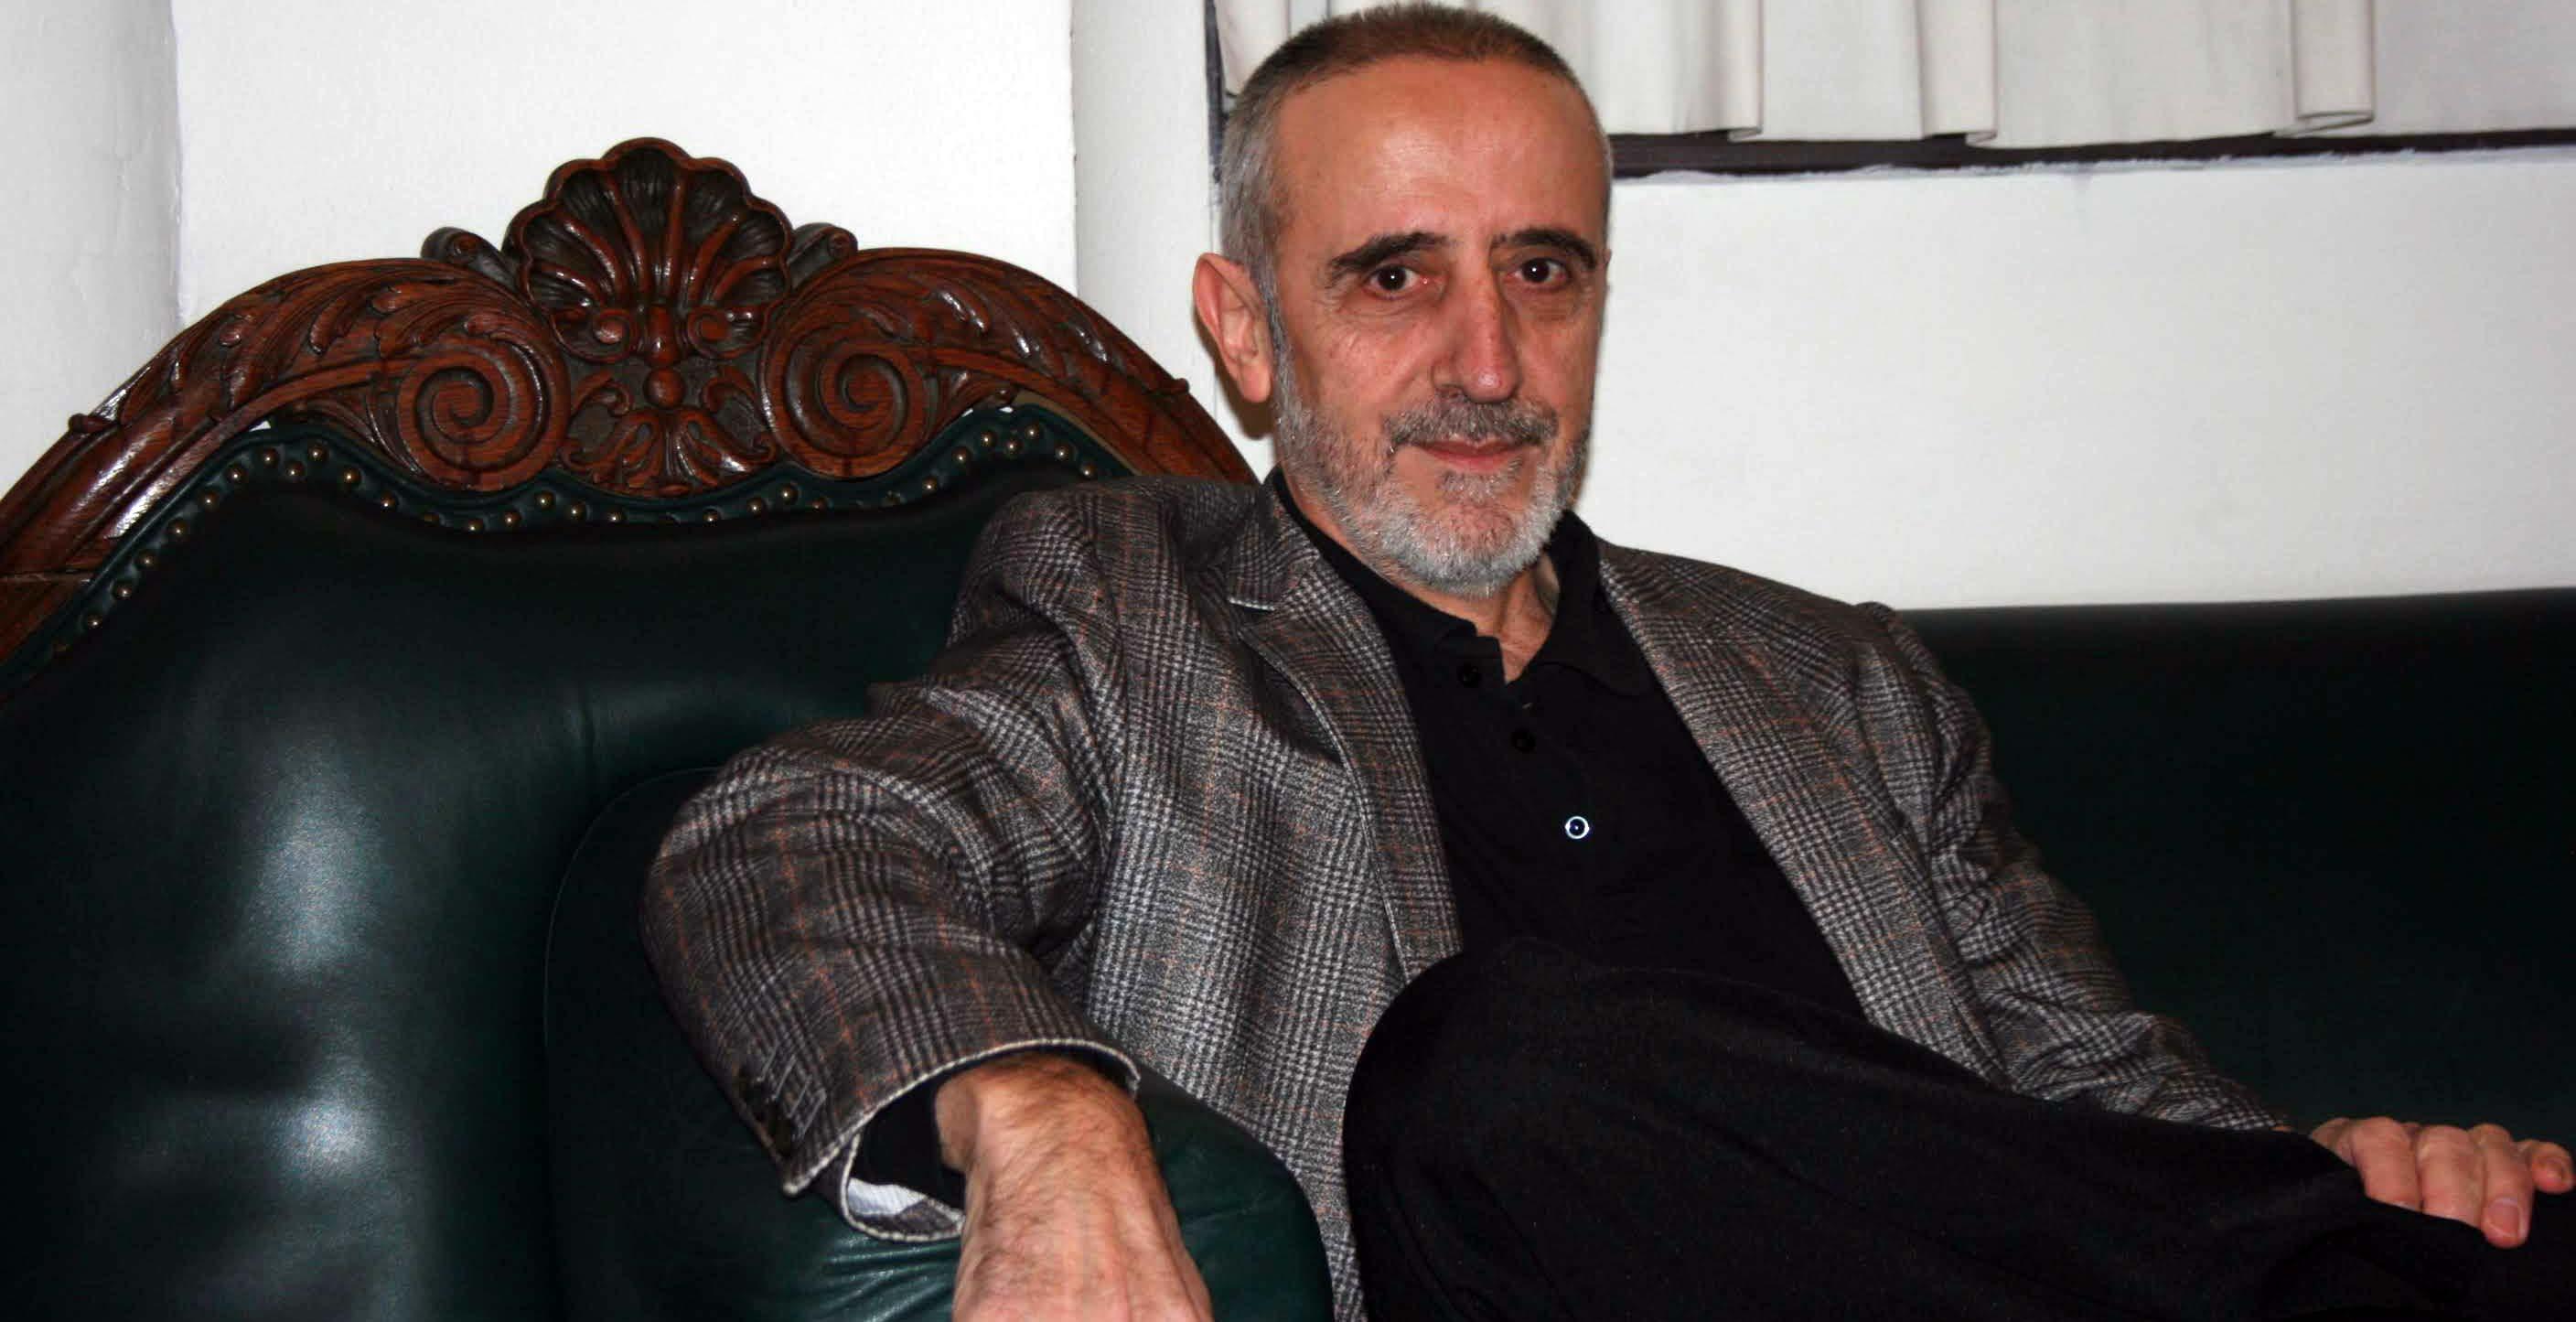 Imagen actual de Mariano Fernández Enguita